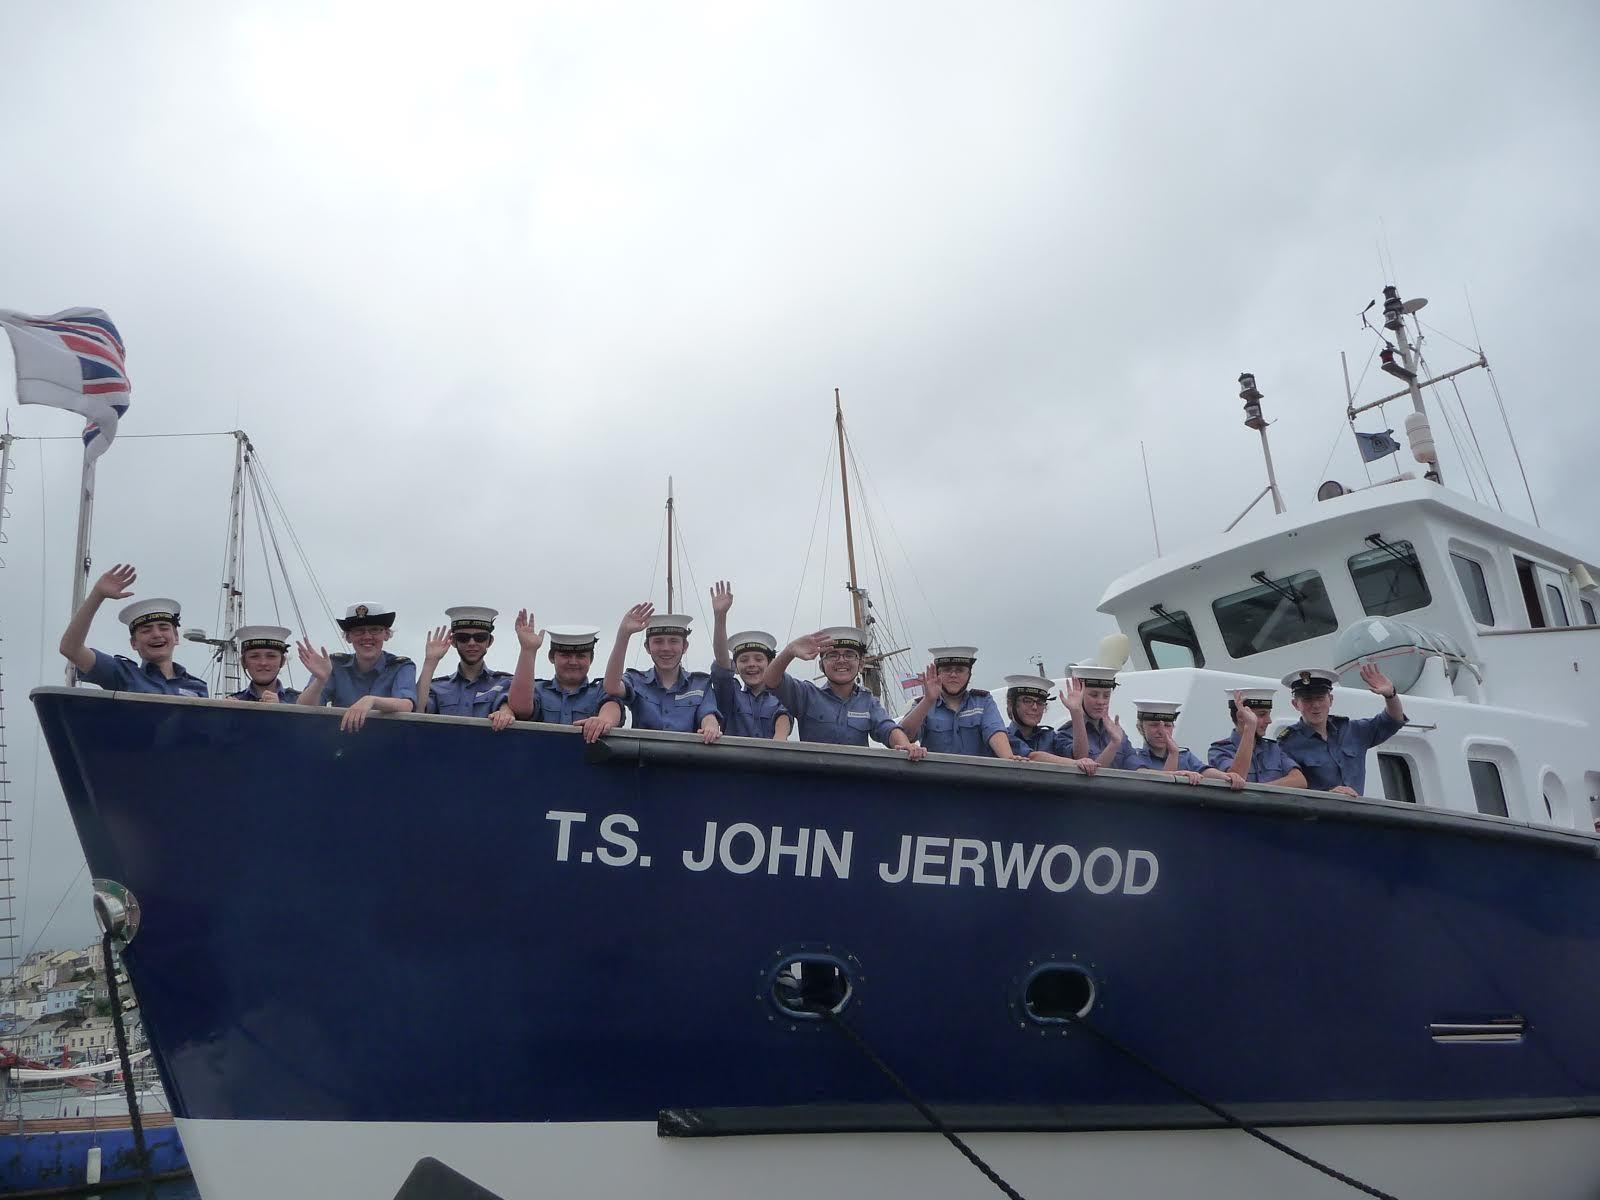 TS John Jerwood